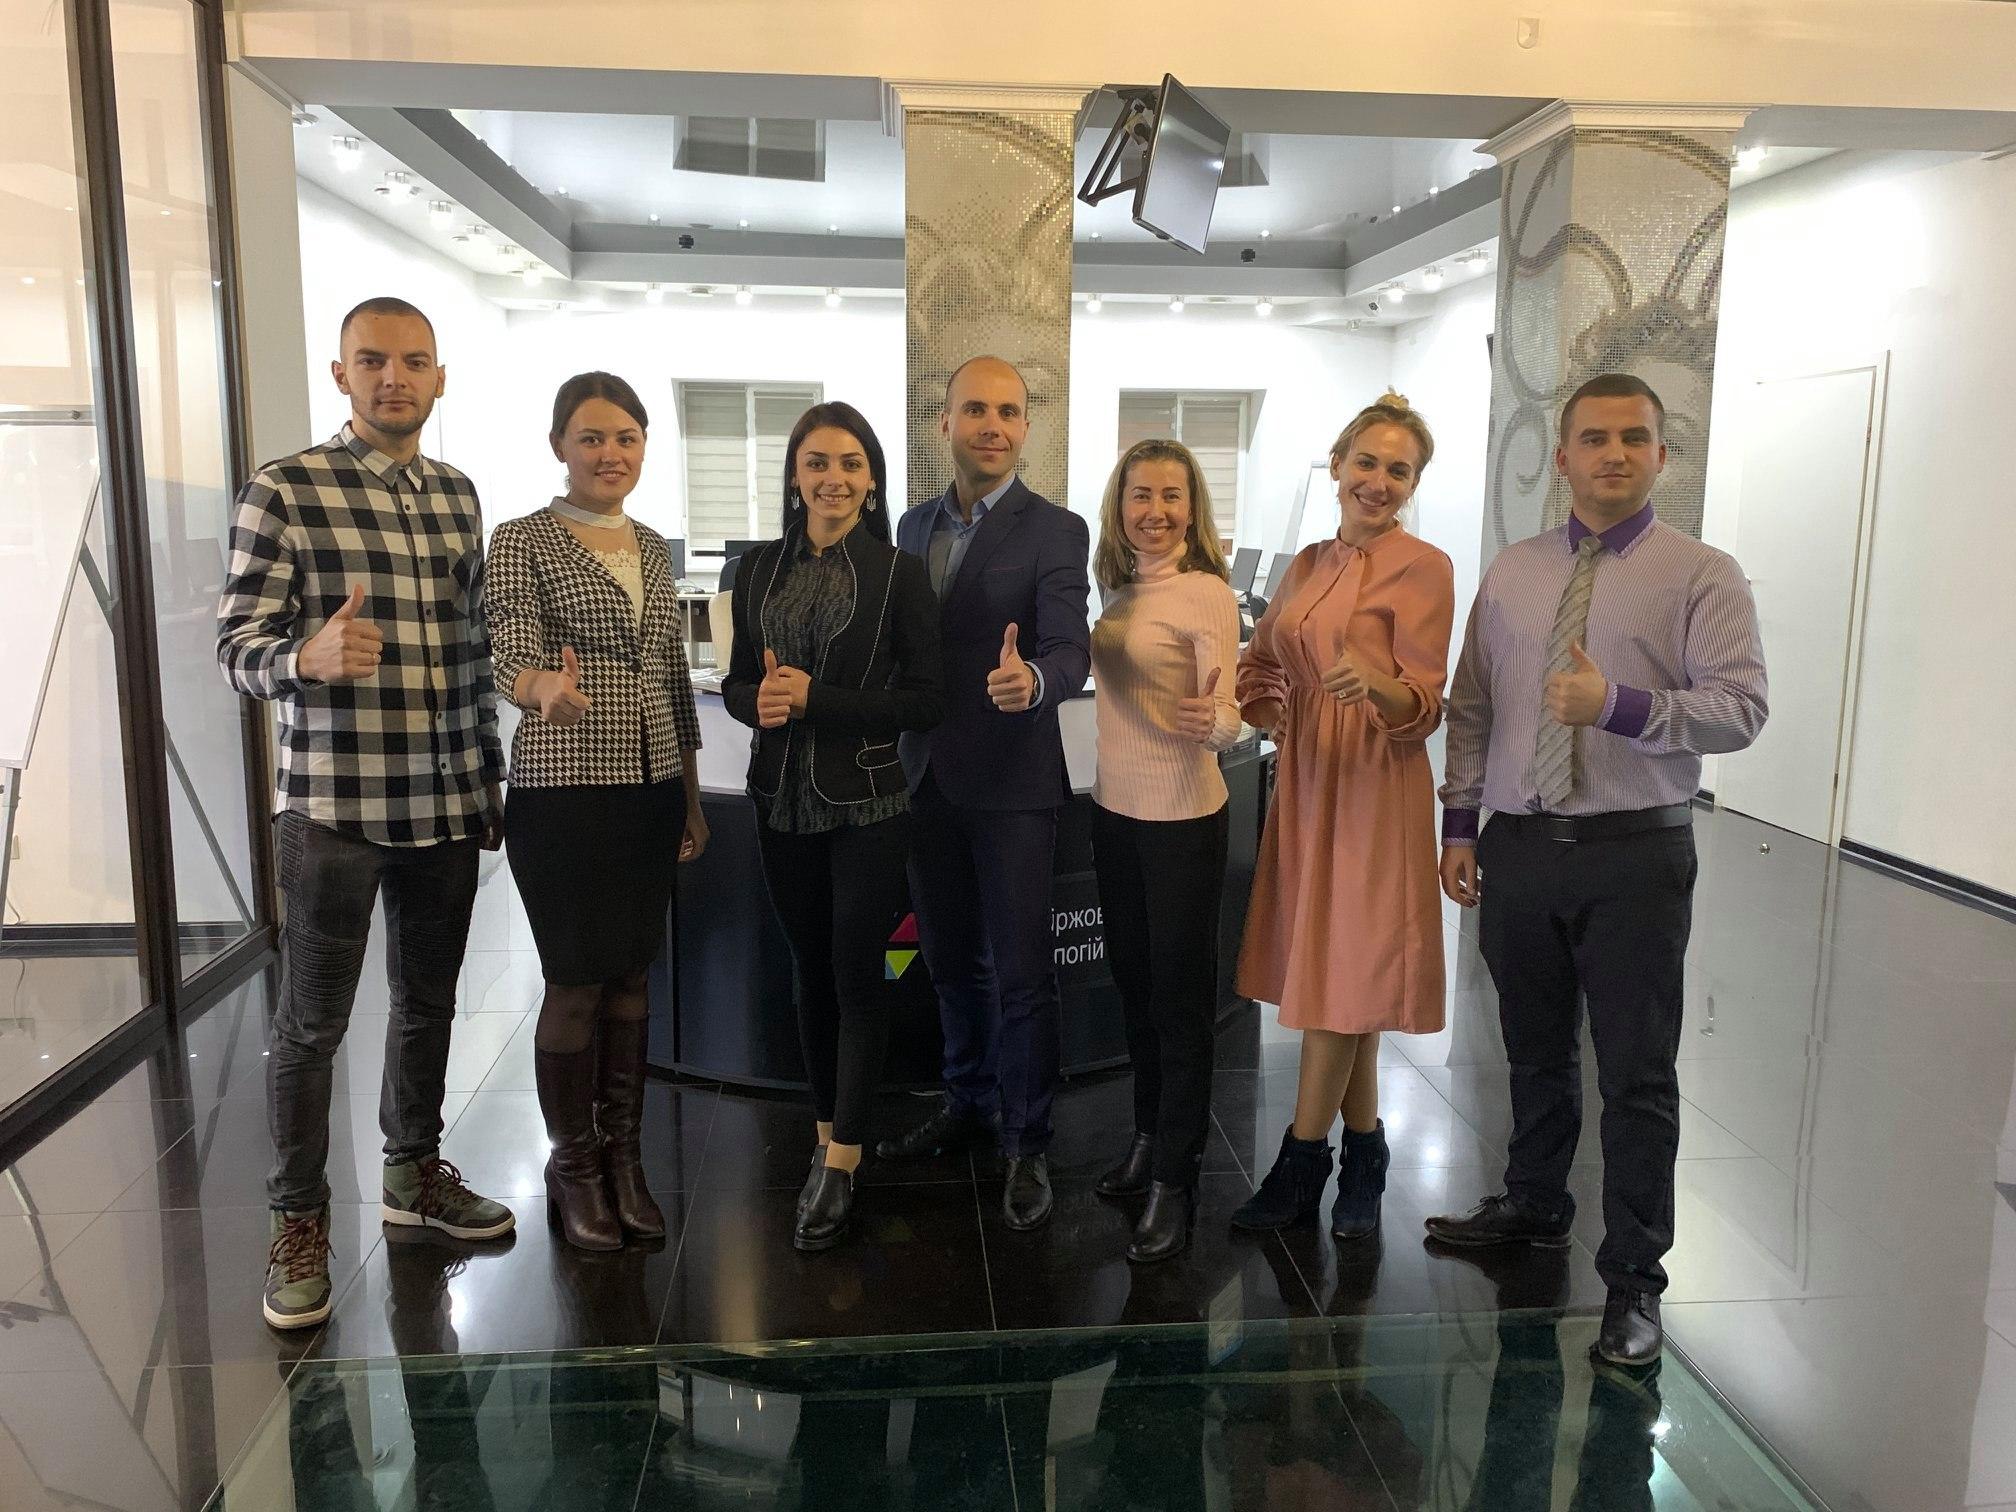 Центр Біржових Технологій міста Чернівці запрошує всіх бажаючих взяти участь в наступних іграх Cash Flow